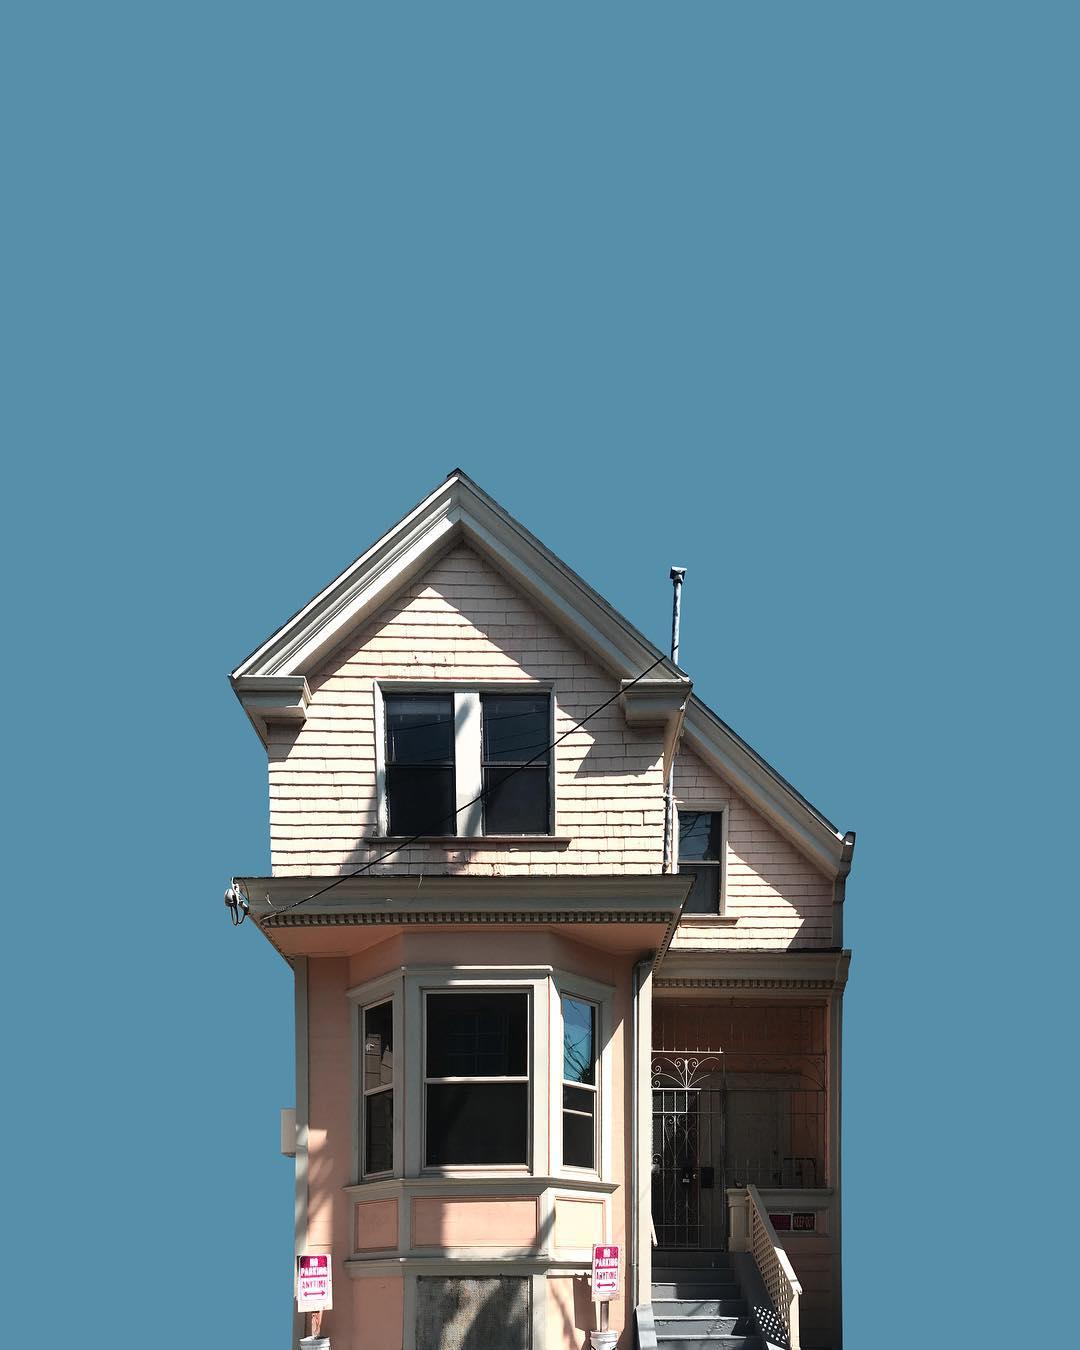 Le folli architetture di Eric Randall Morris | Collater.al 11